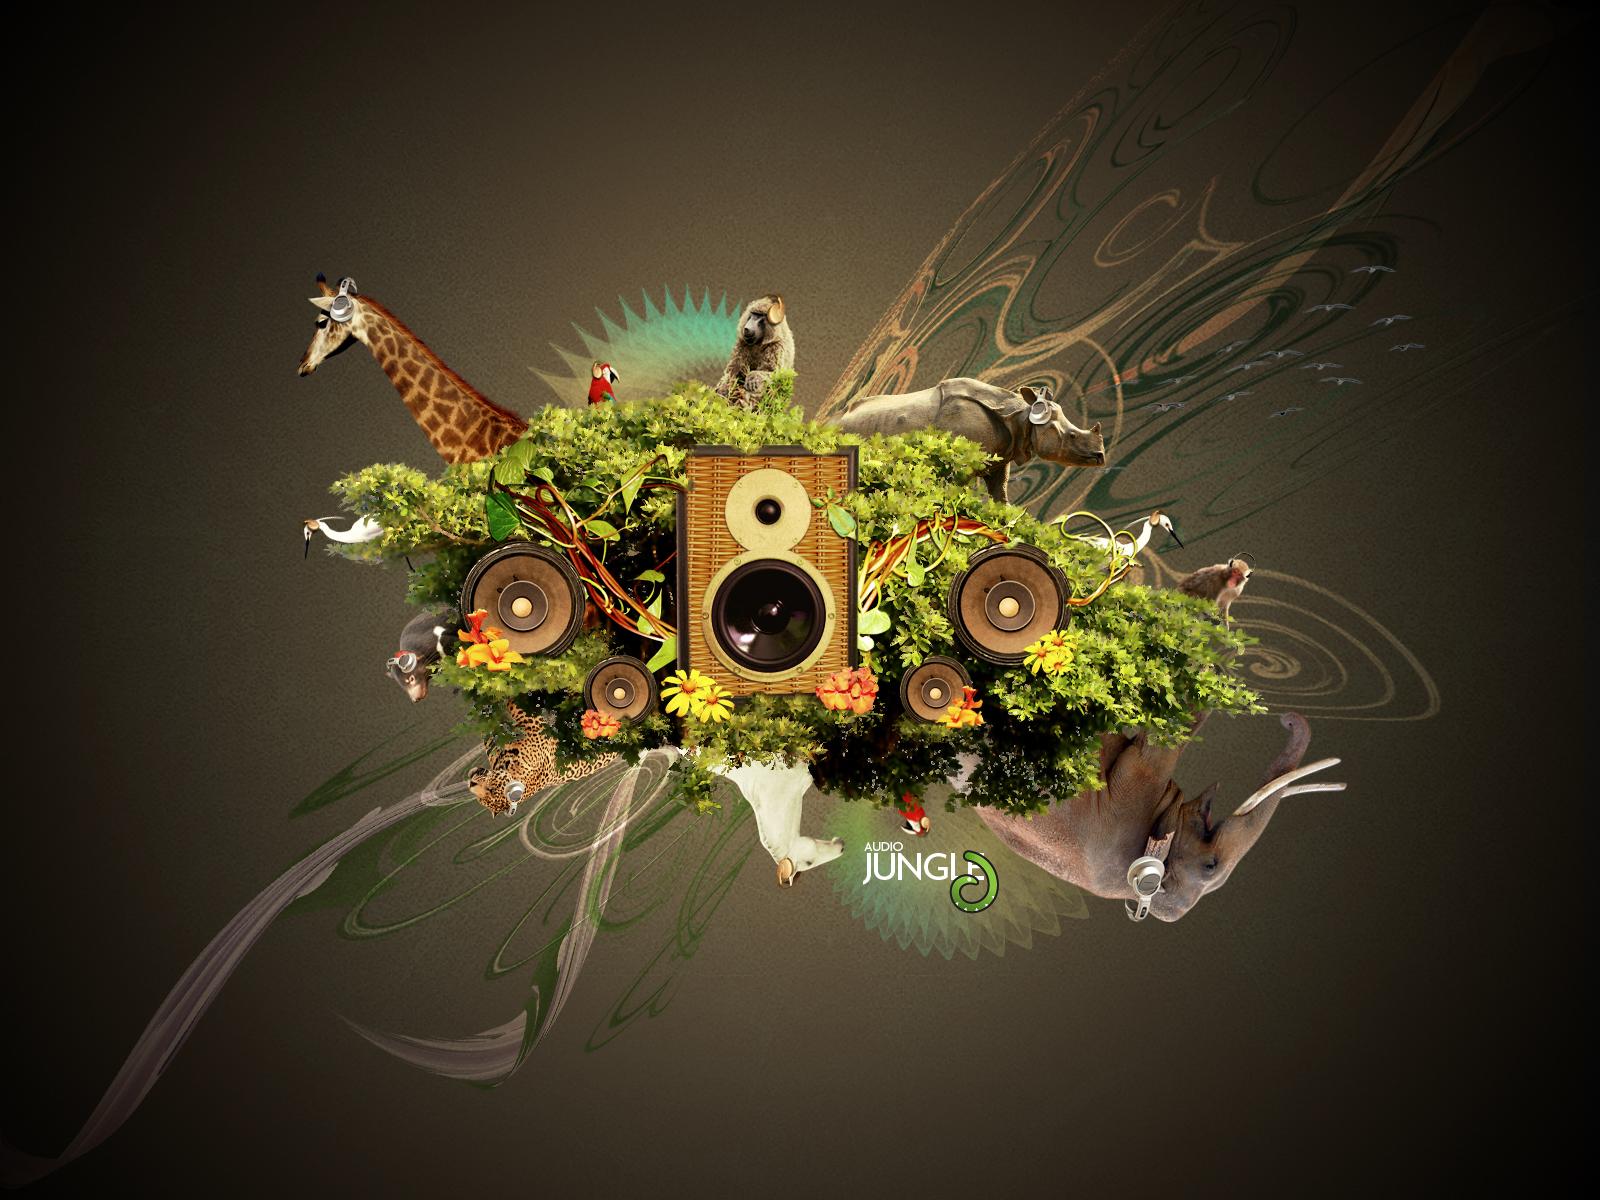 forest jungle music. Black Bedroom Furniture Sets. Home Design Ideas